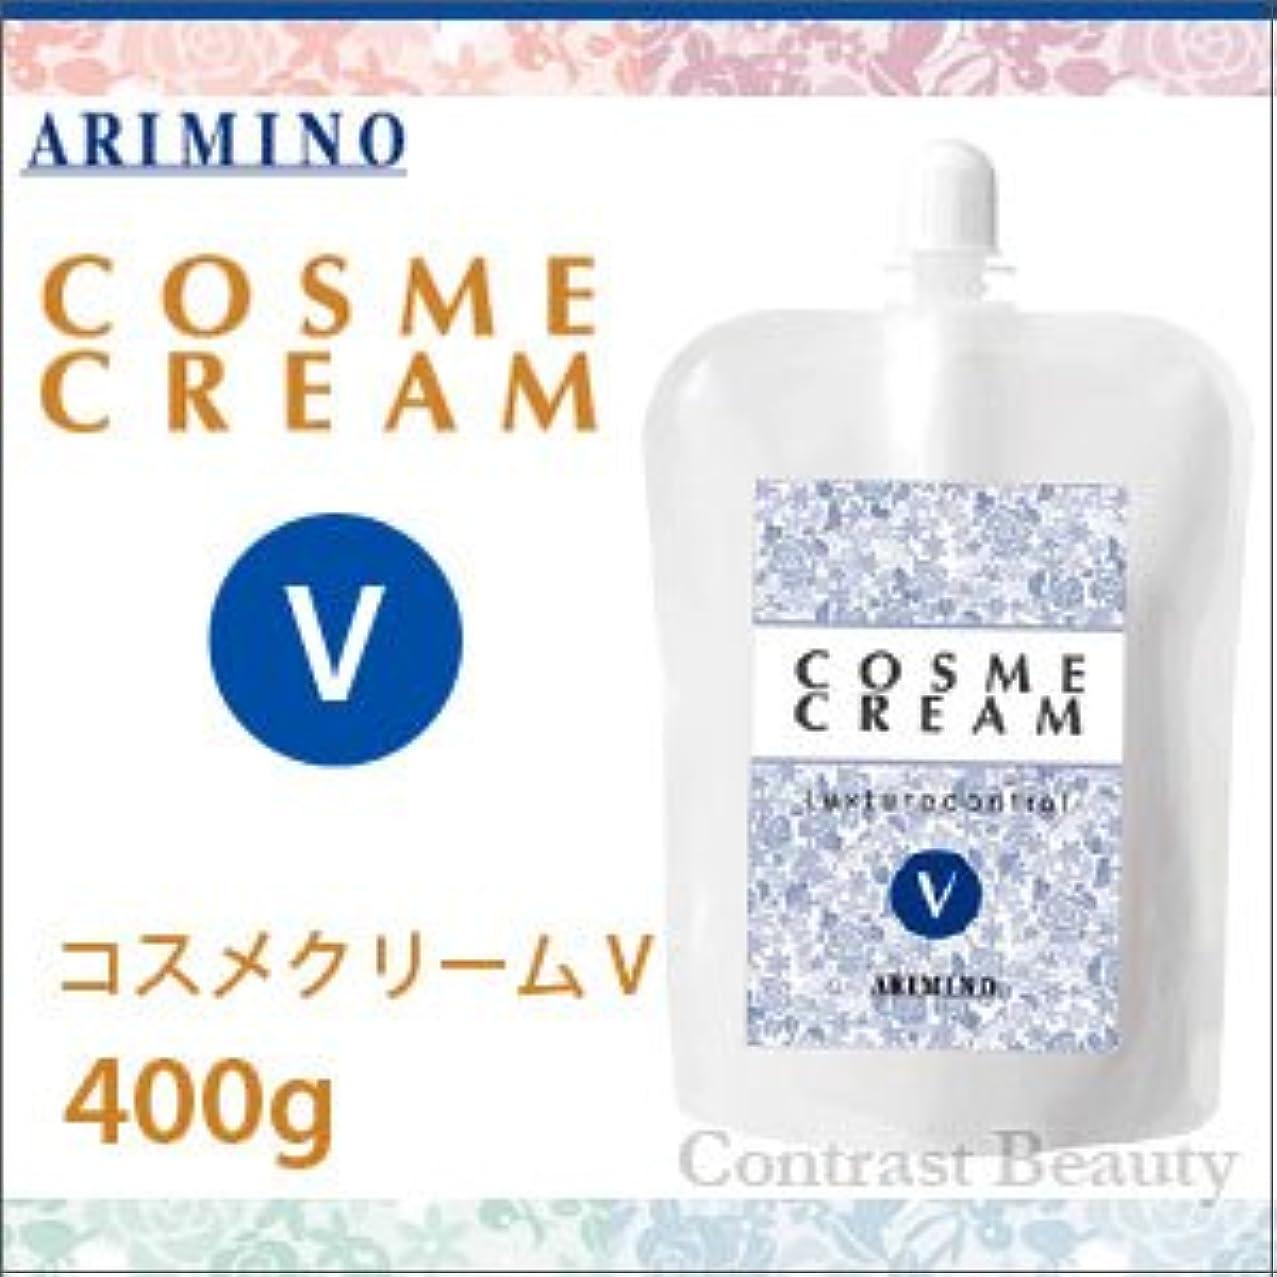 ラウズスタウト無視できる【X5個セット】 アリミノ コスメクリーム V 400g